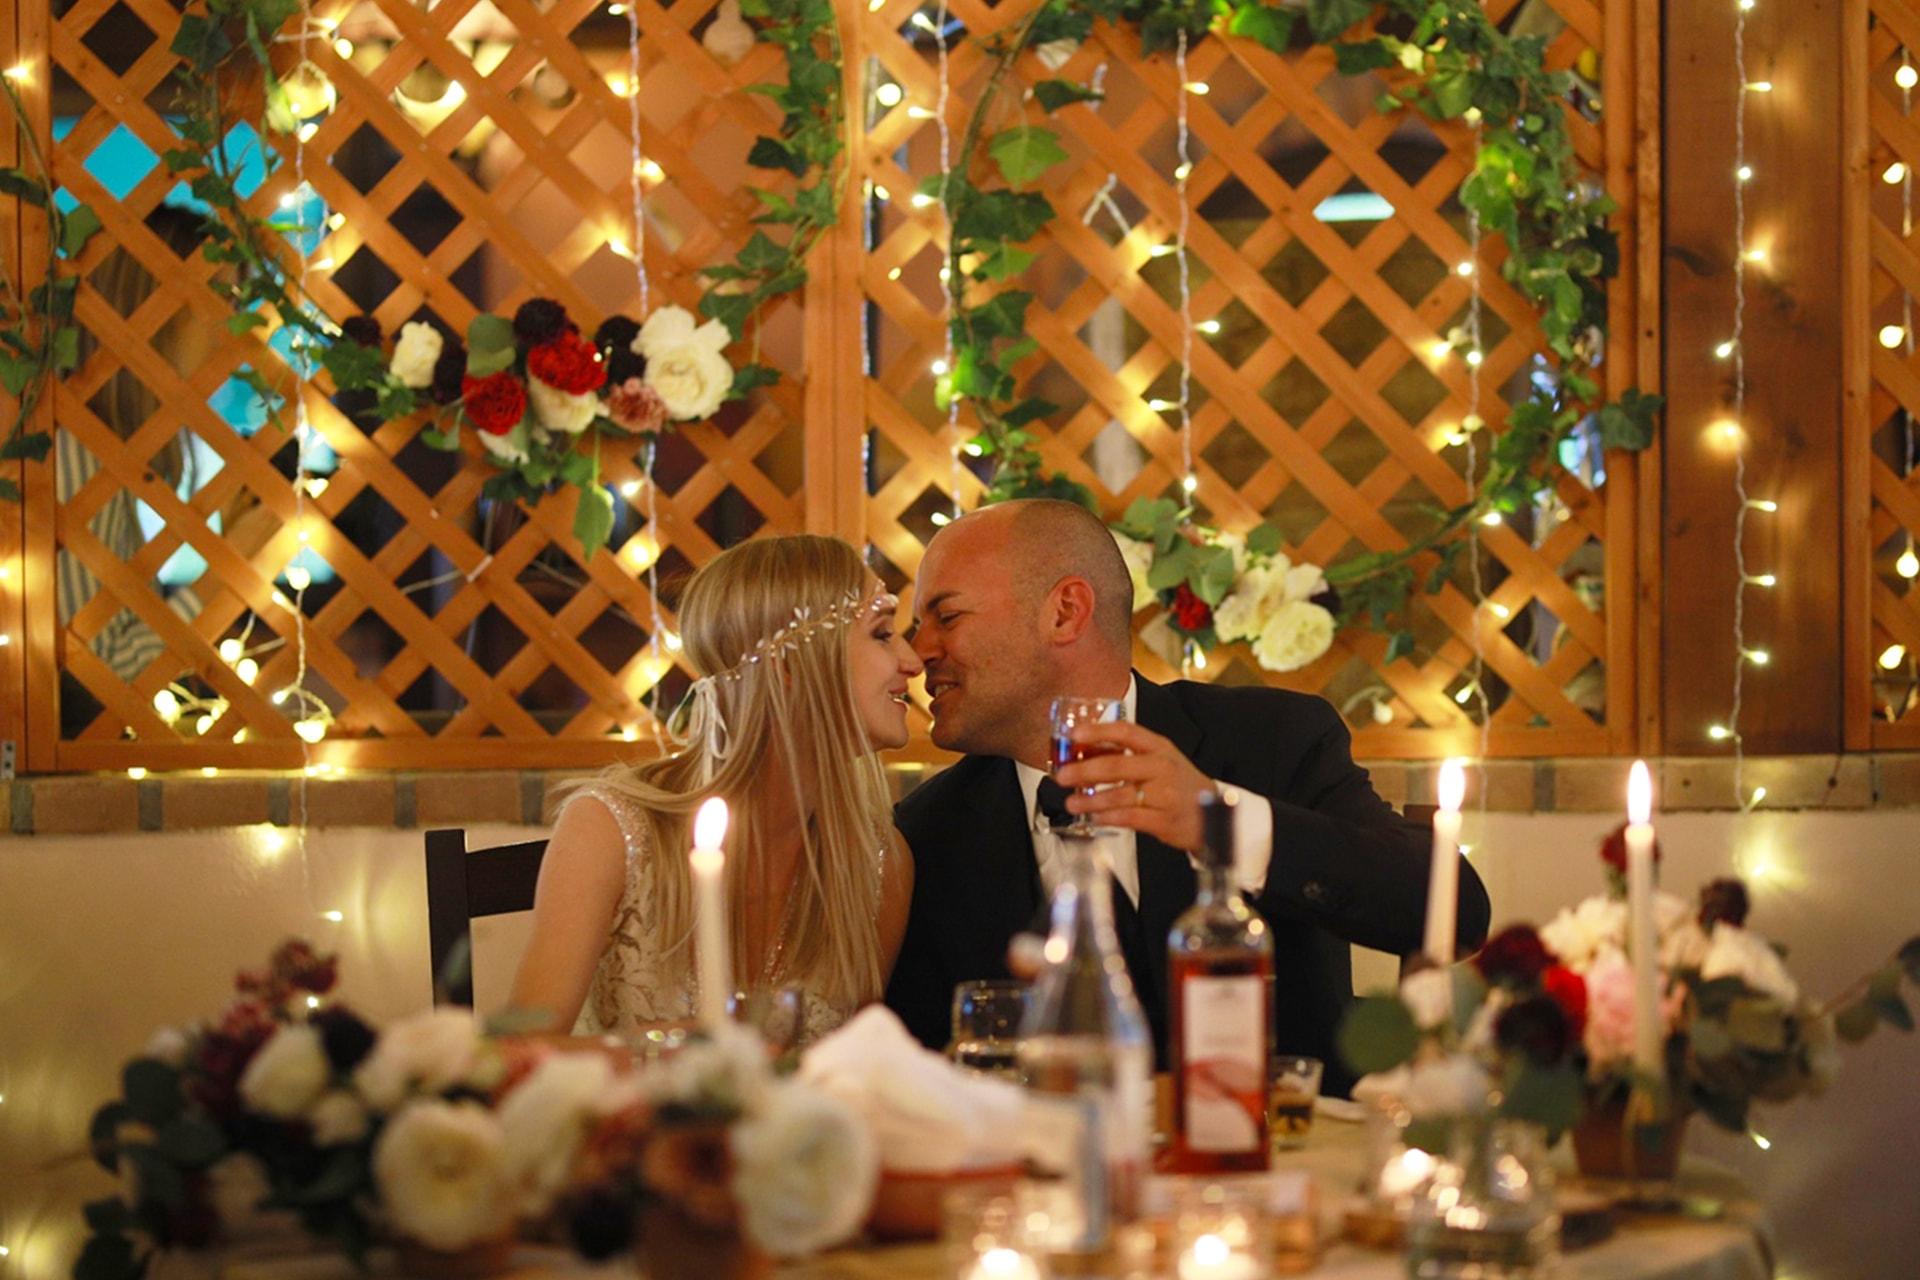 Anniversario di matrimonio, come festeggiare una data così importante